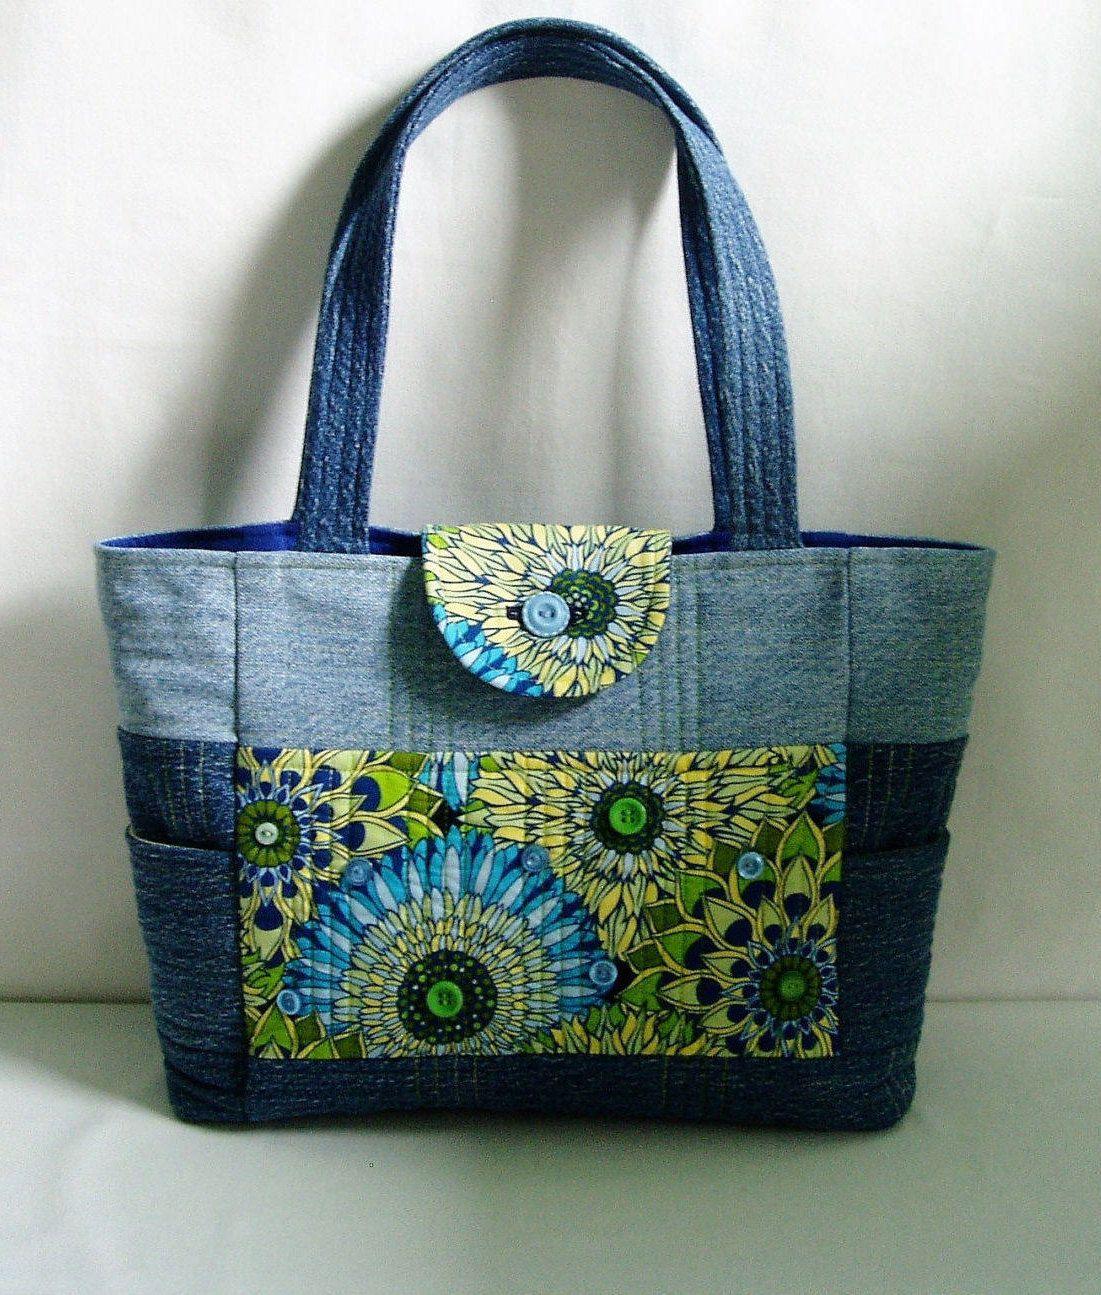 69453fedf Bolso de Jean Denim acolchado monedero de tela Floral azul | Bolsos y  carteras | Denim